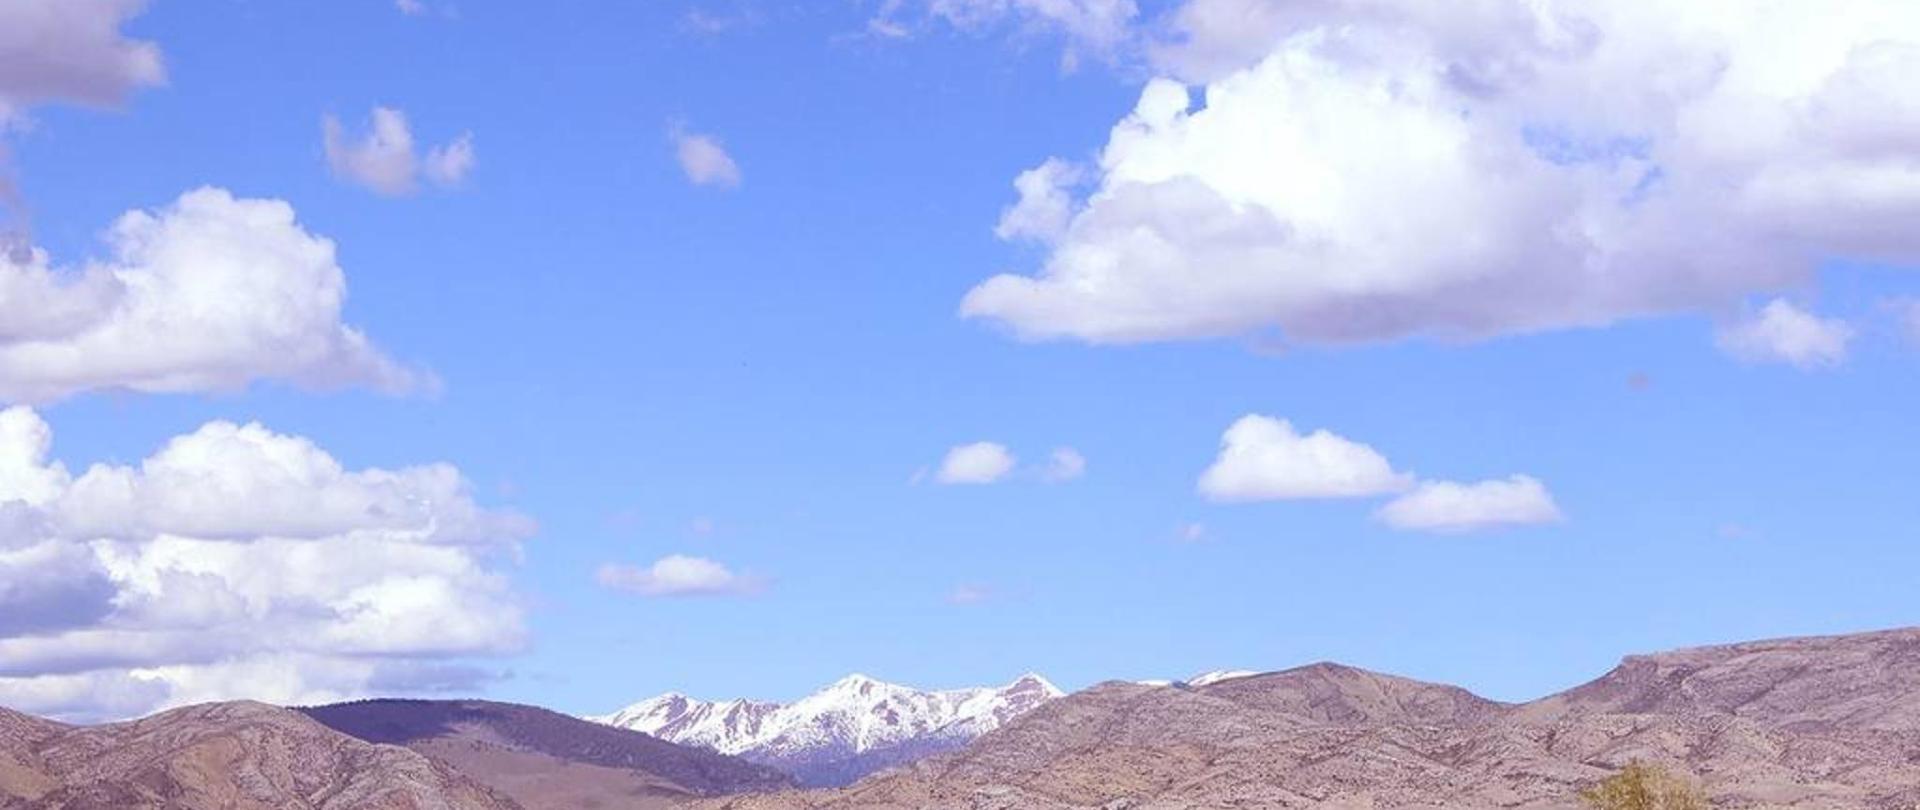 valley_east.jpg.1024x0.jpg